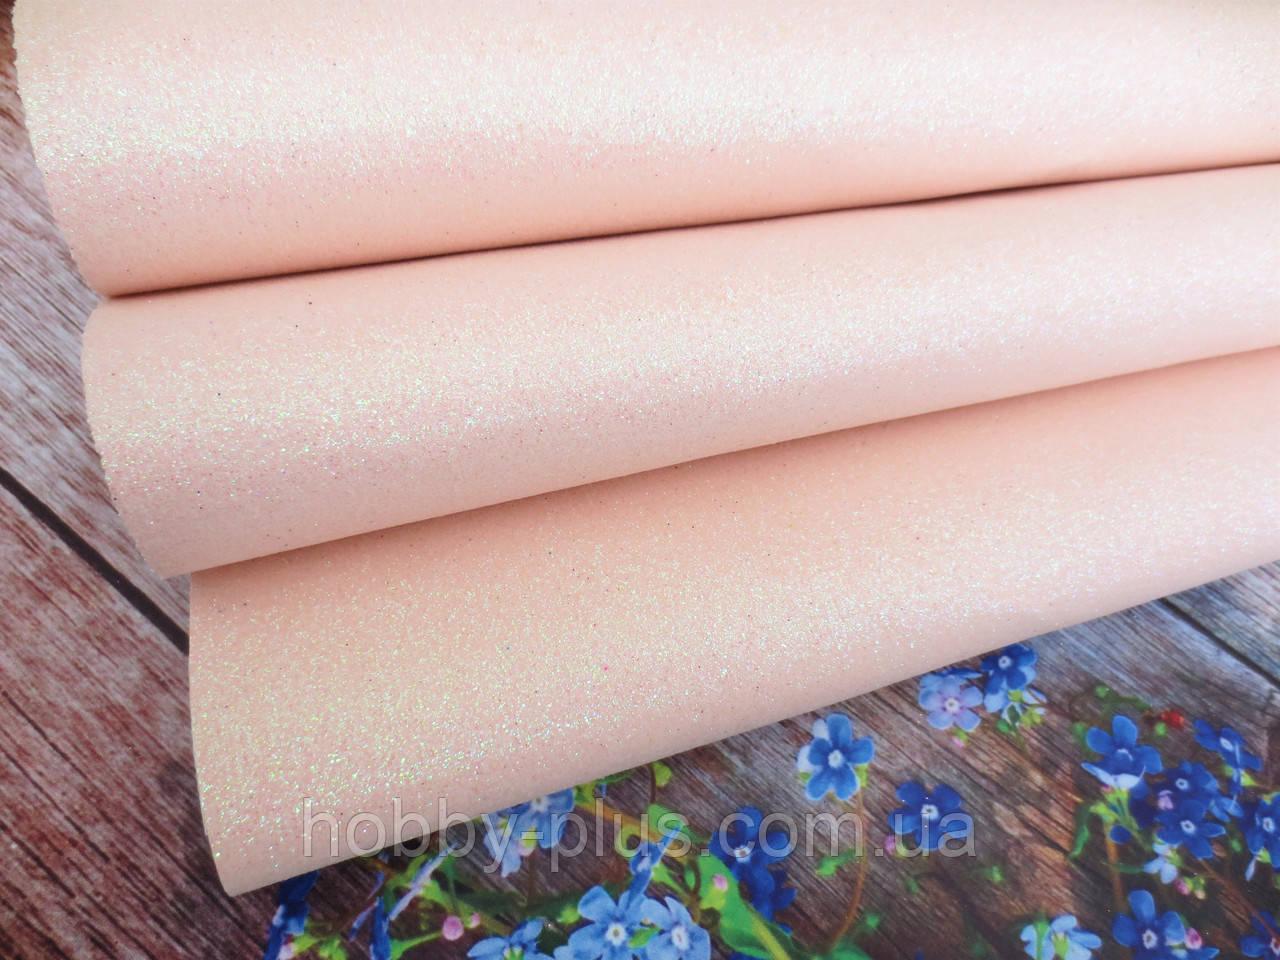 Экокожа (кожзам) с мелкими блестками на тканевой основе, ПЕРСИКОВЫЙ с перламутром, 25х35 см